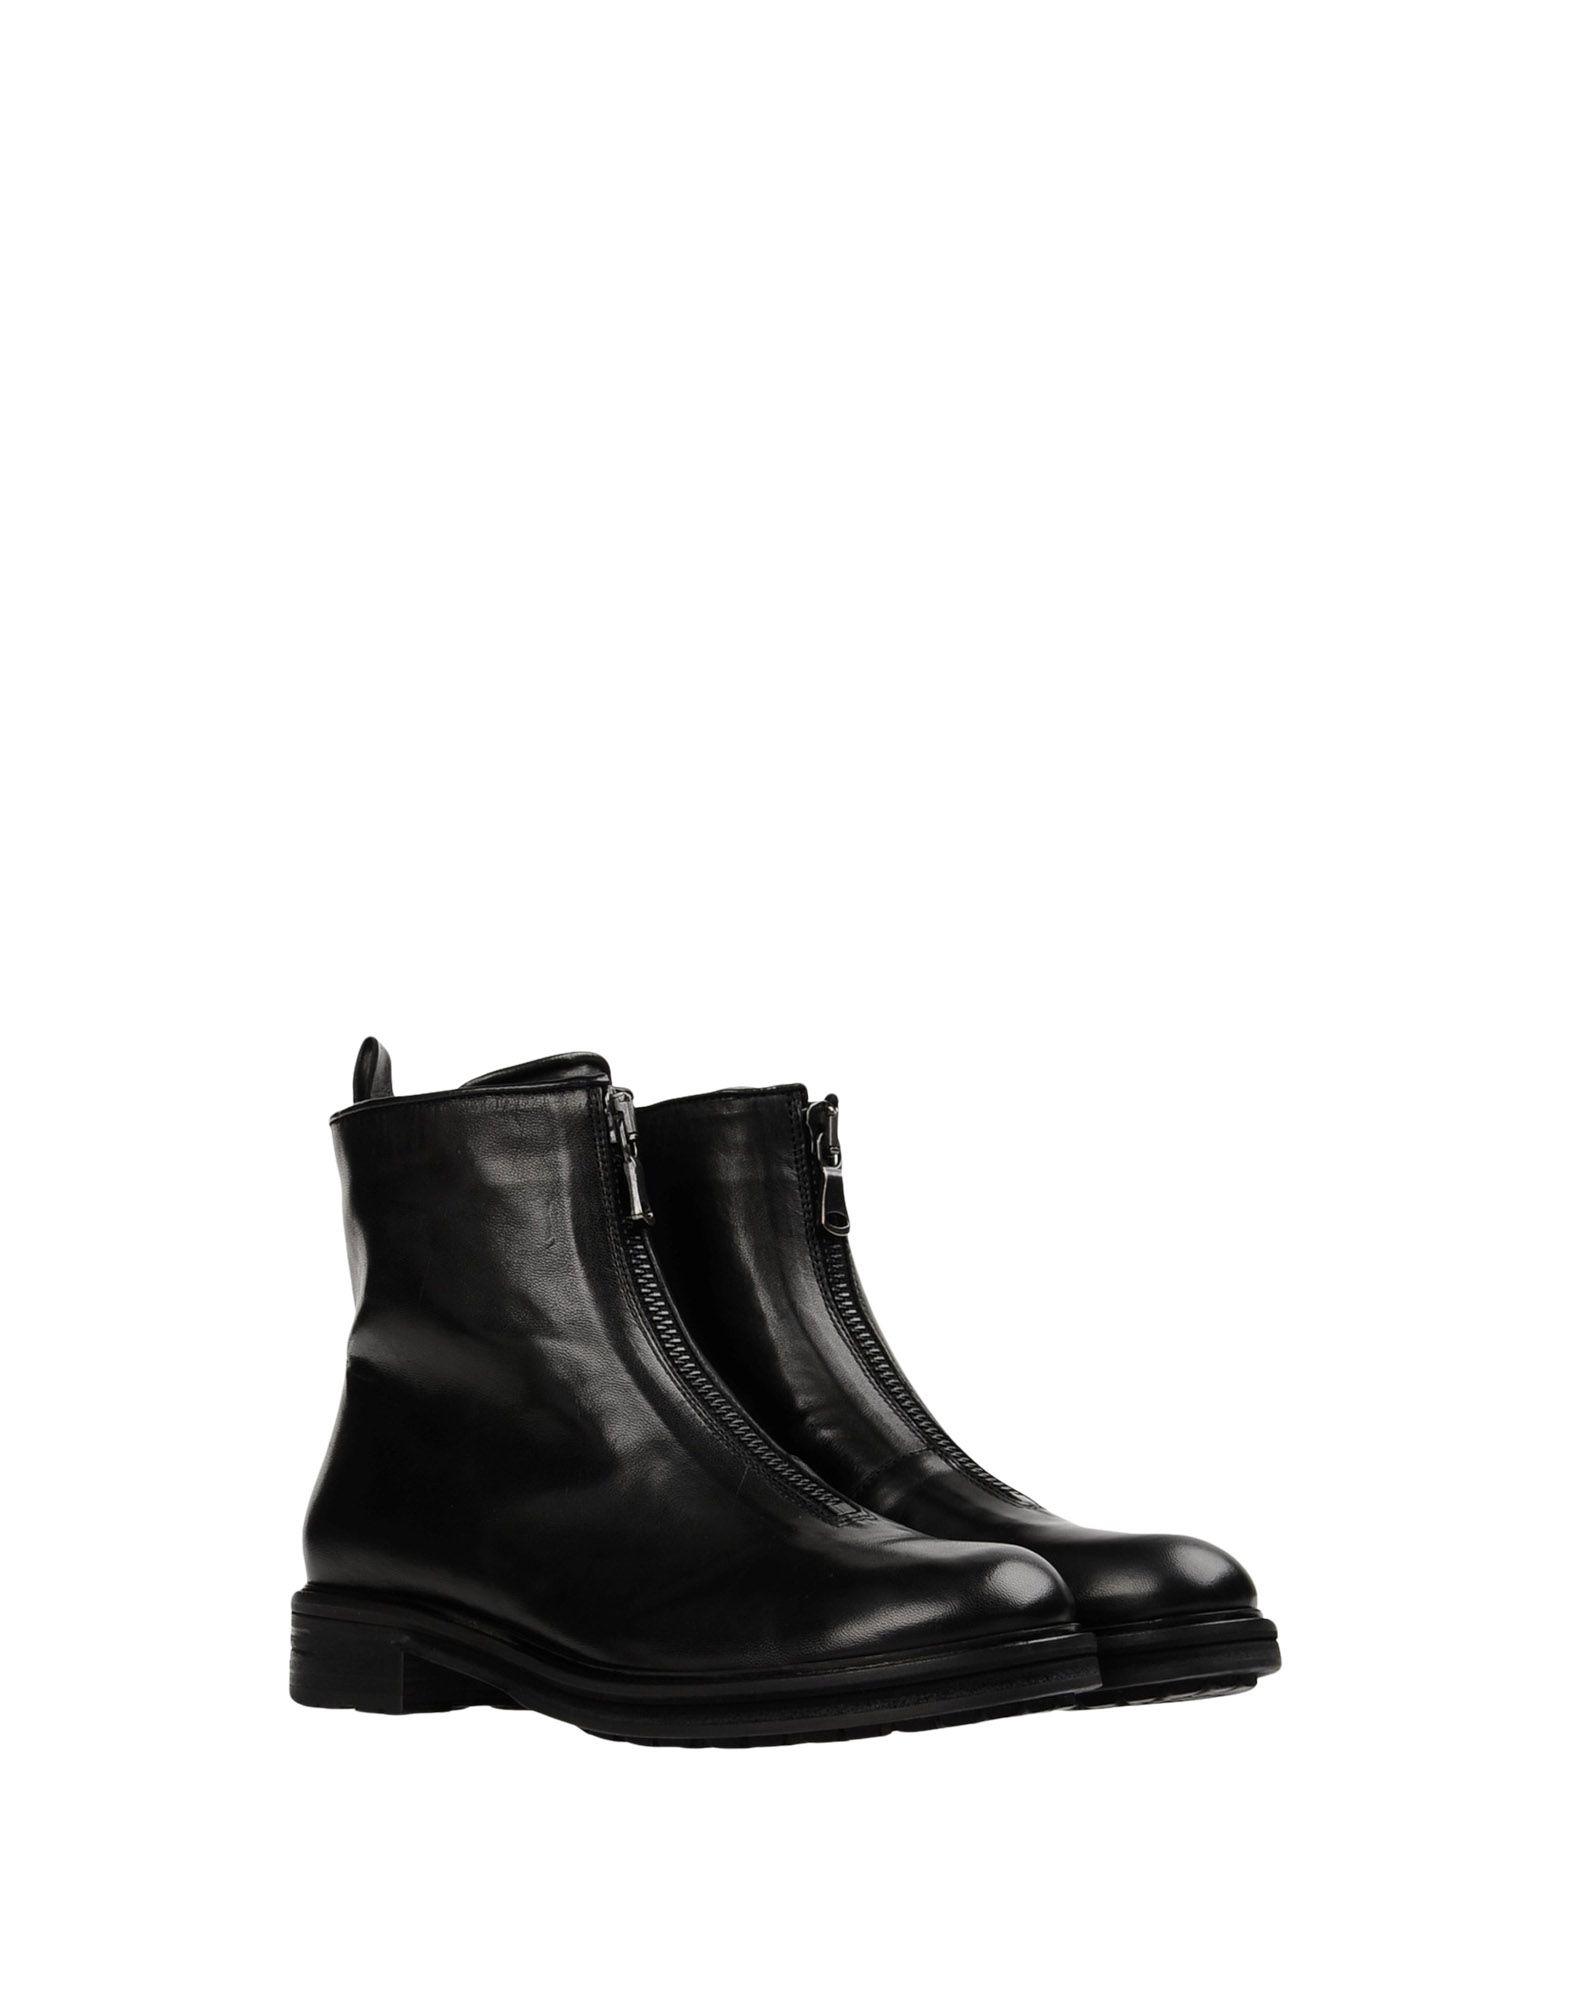 Alberto Damen Fermani Stiefelette Damen Alberto  11361232WG Beliebte Schuhe 2f9e1a